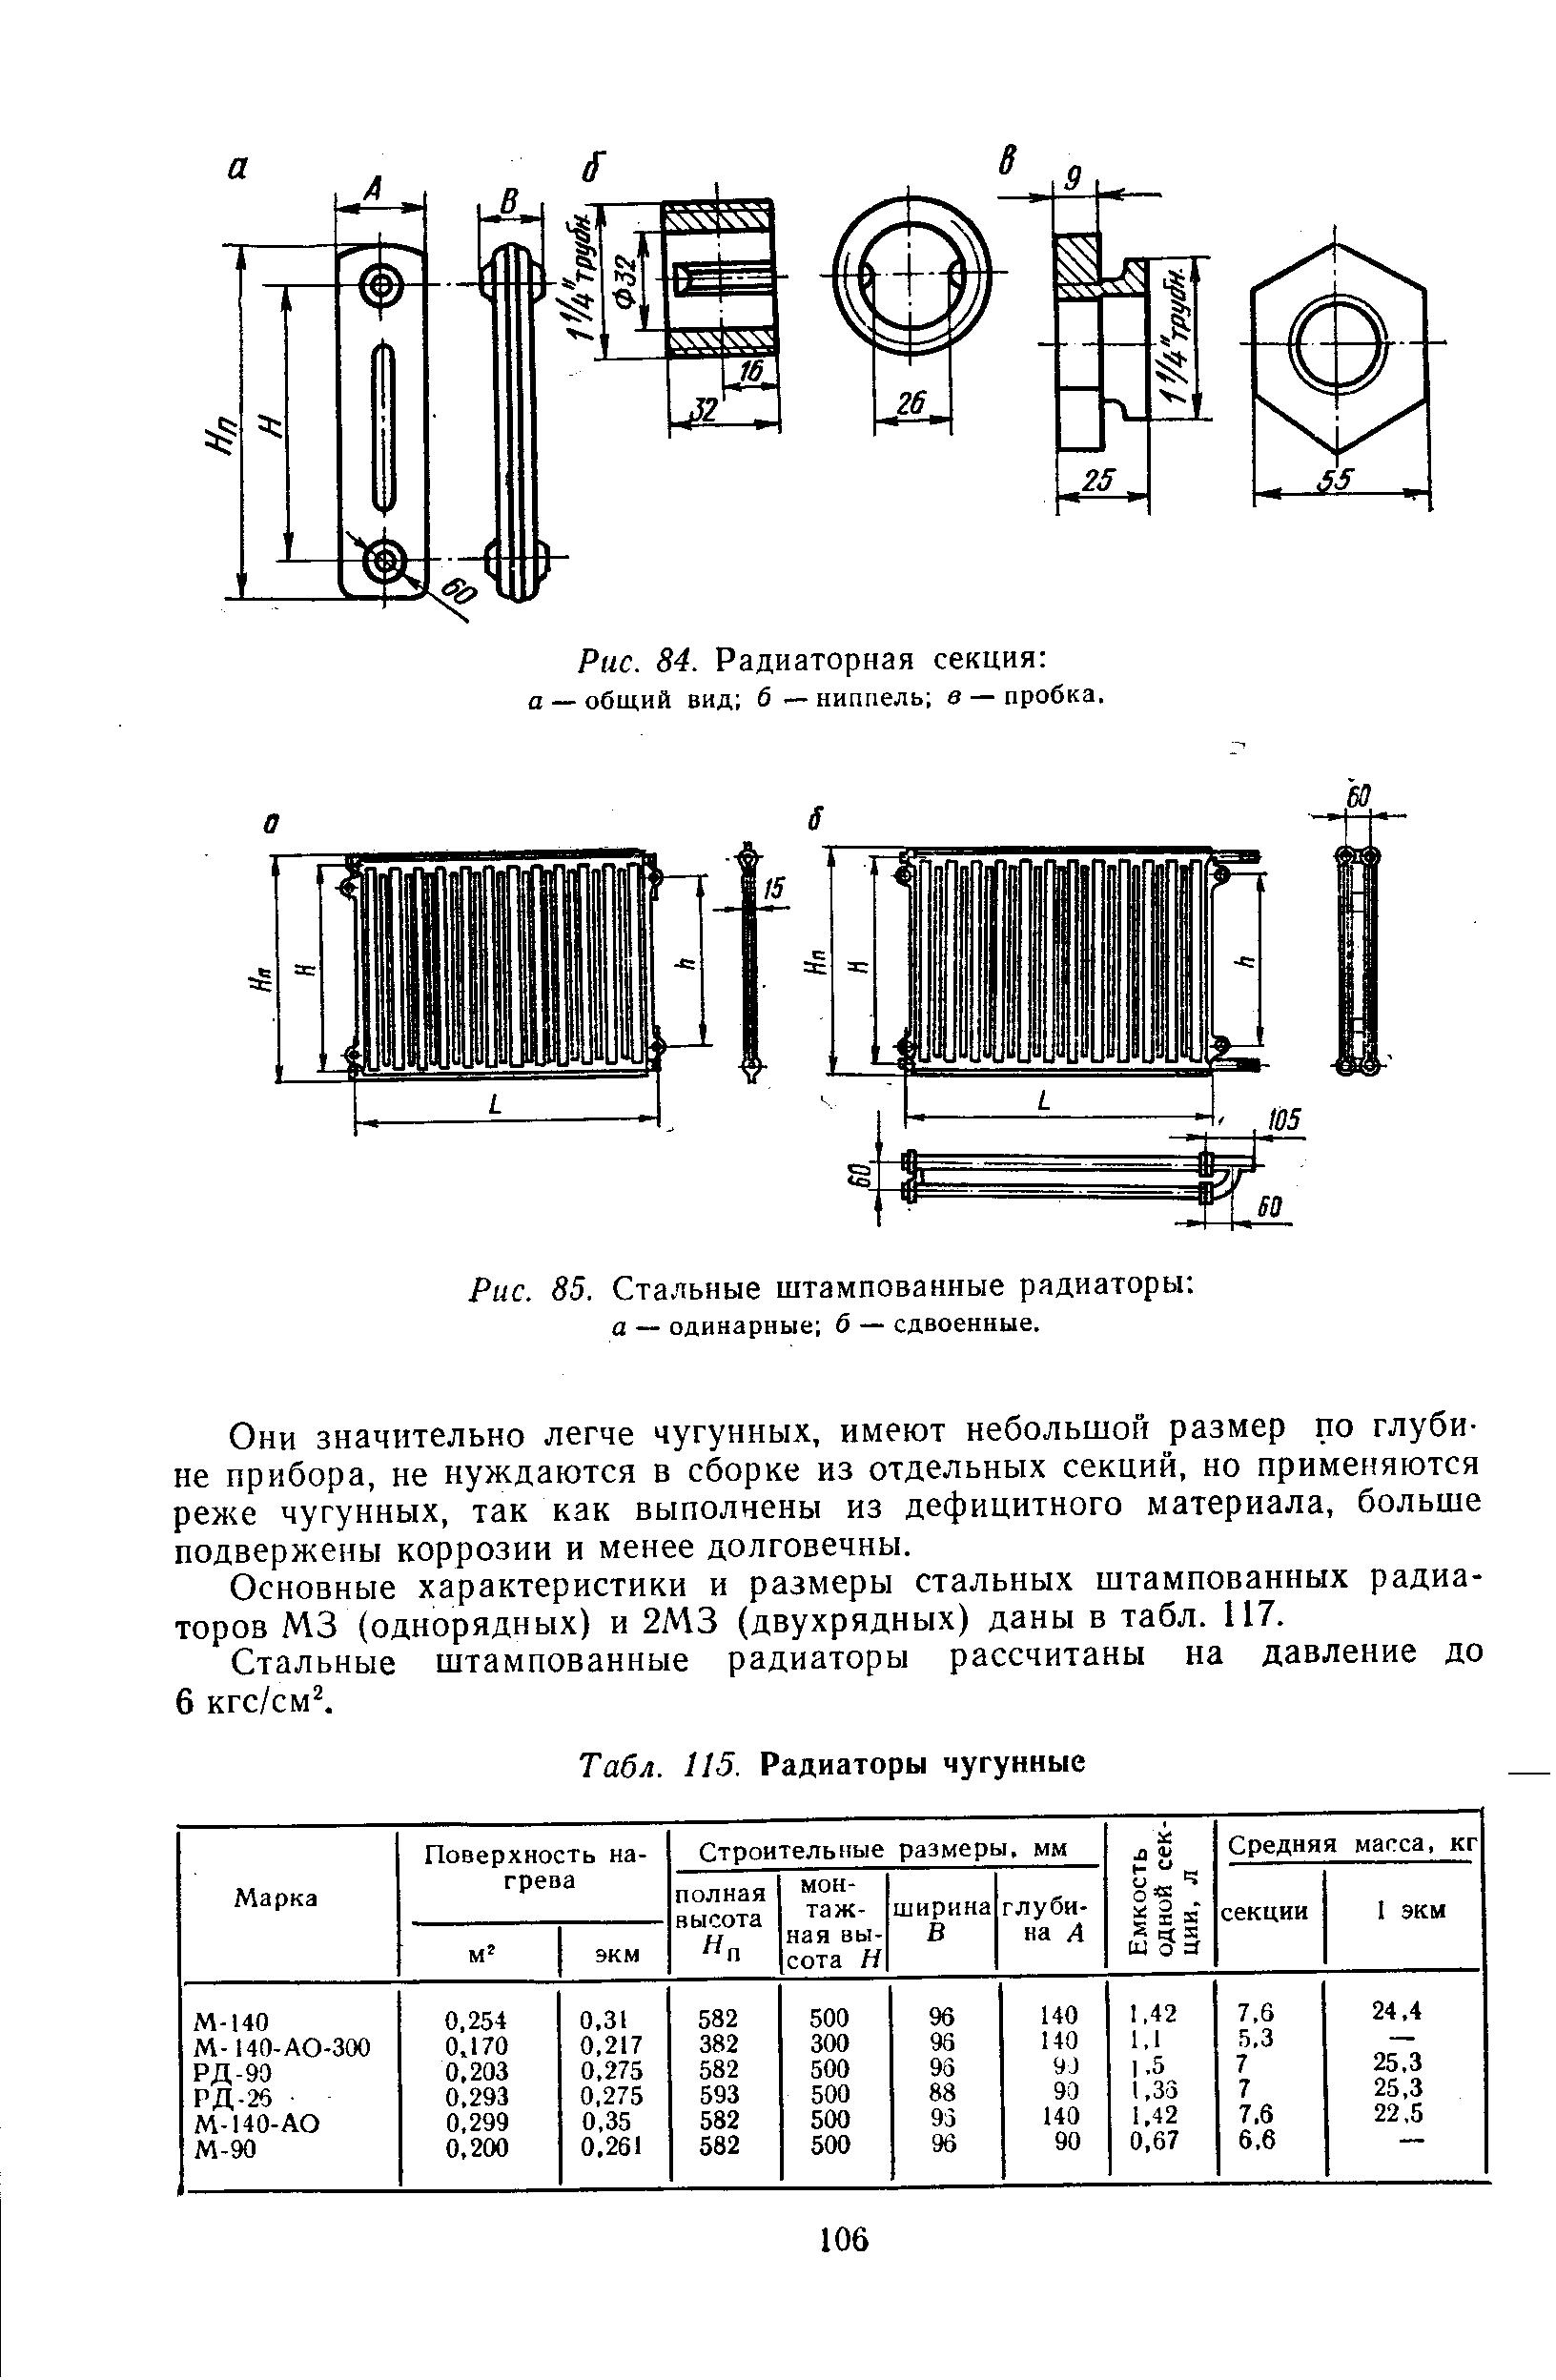 Чугунные радиаторы отопления: история, характеристики, монтаж | гид по отоплению